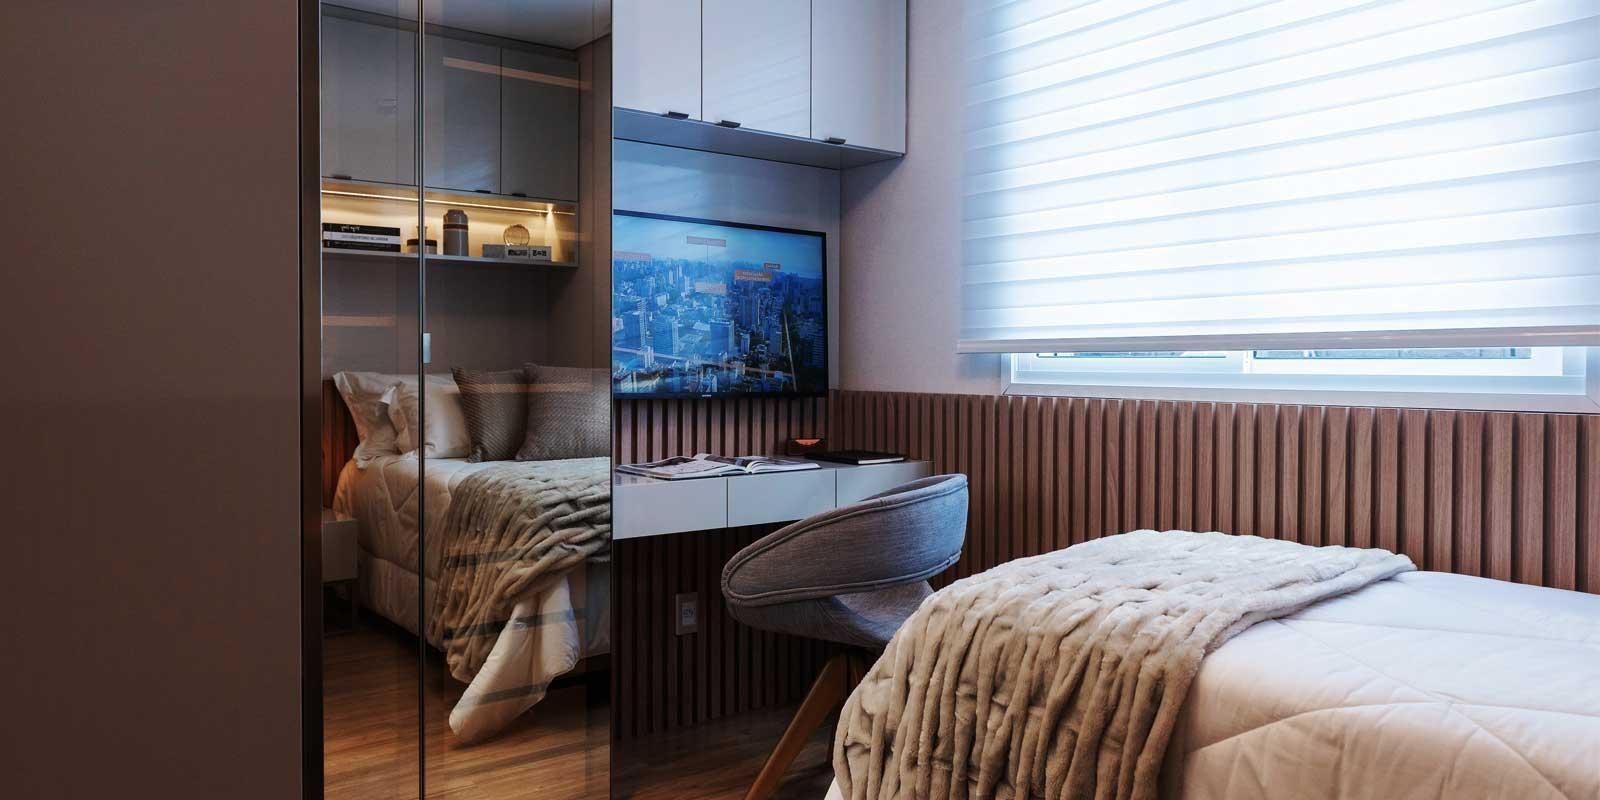 TPS Imóveis - Veja Foto 19 de 32 do Apartamentos de 2 e 3 dormitórios com suíte